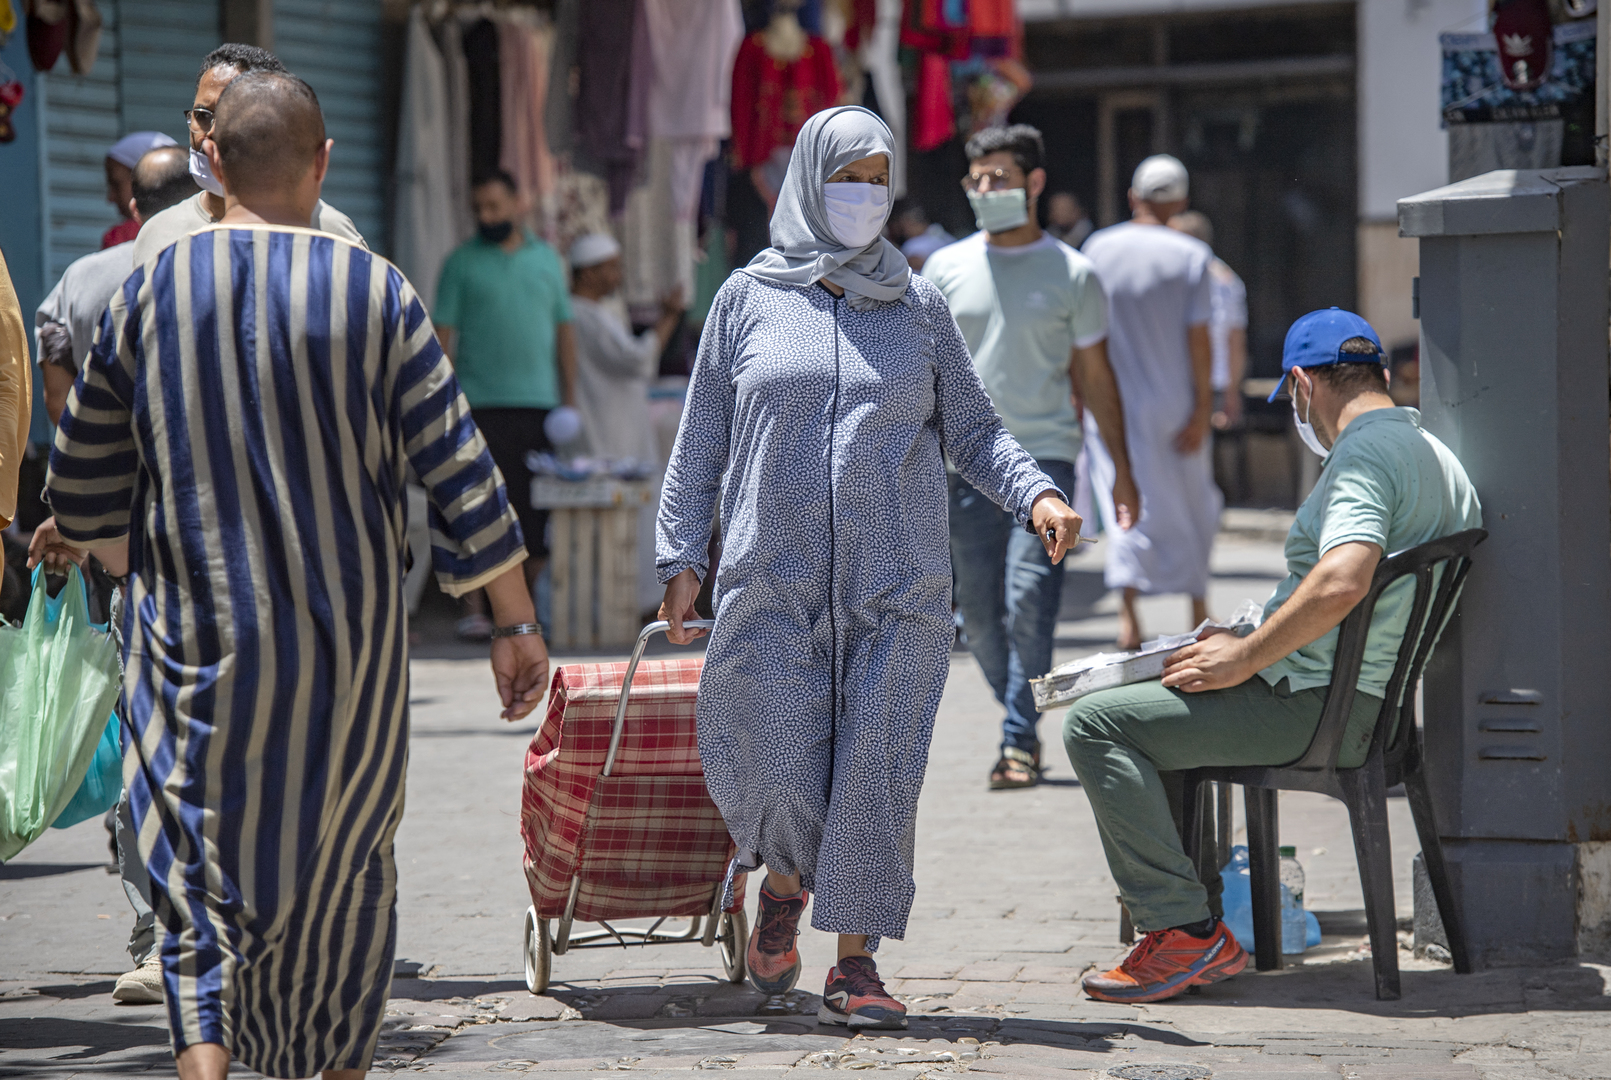 تعديلات على قانون الأحوال المدنية المغربي من بينها الاعتراف بجنس